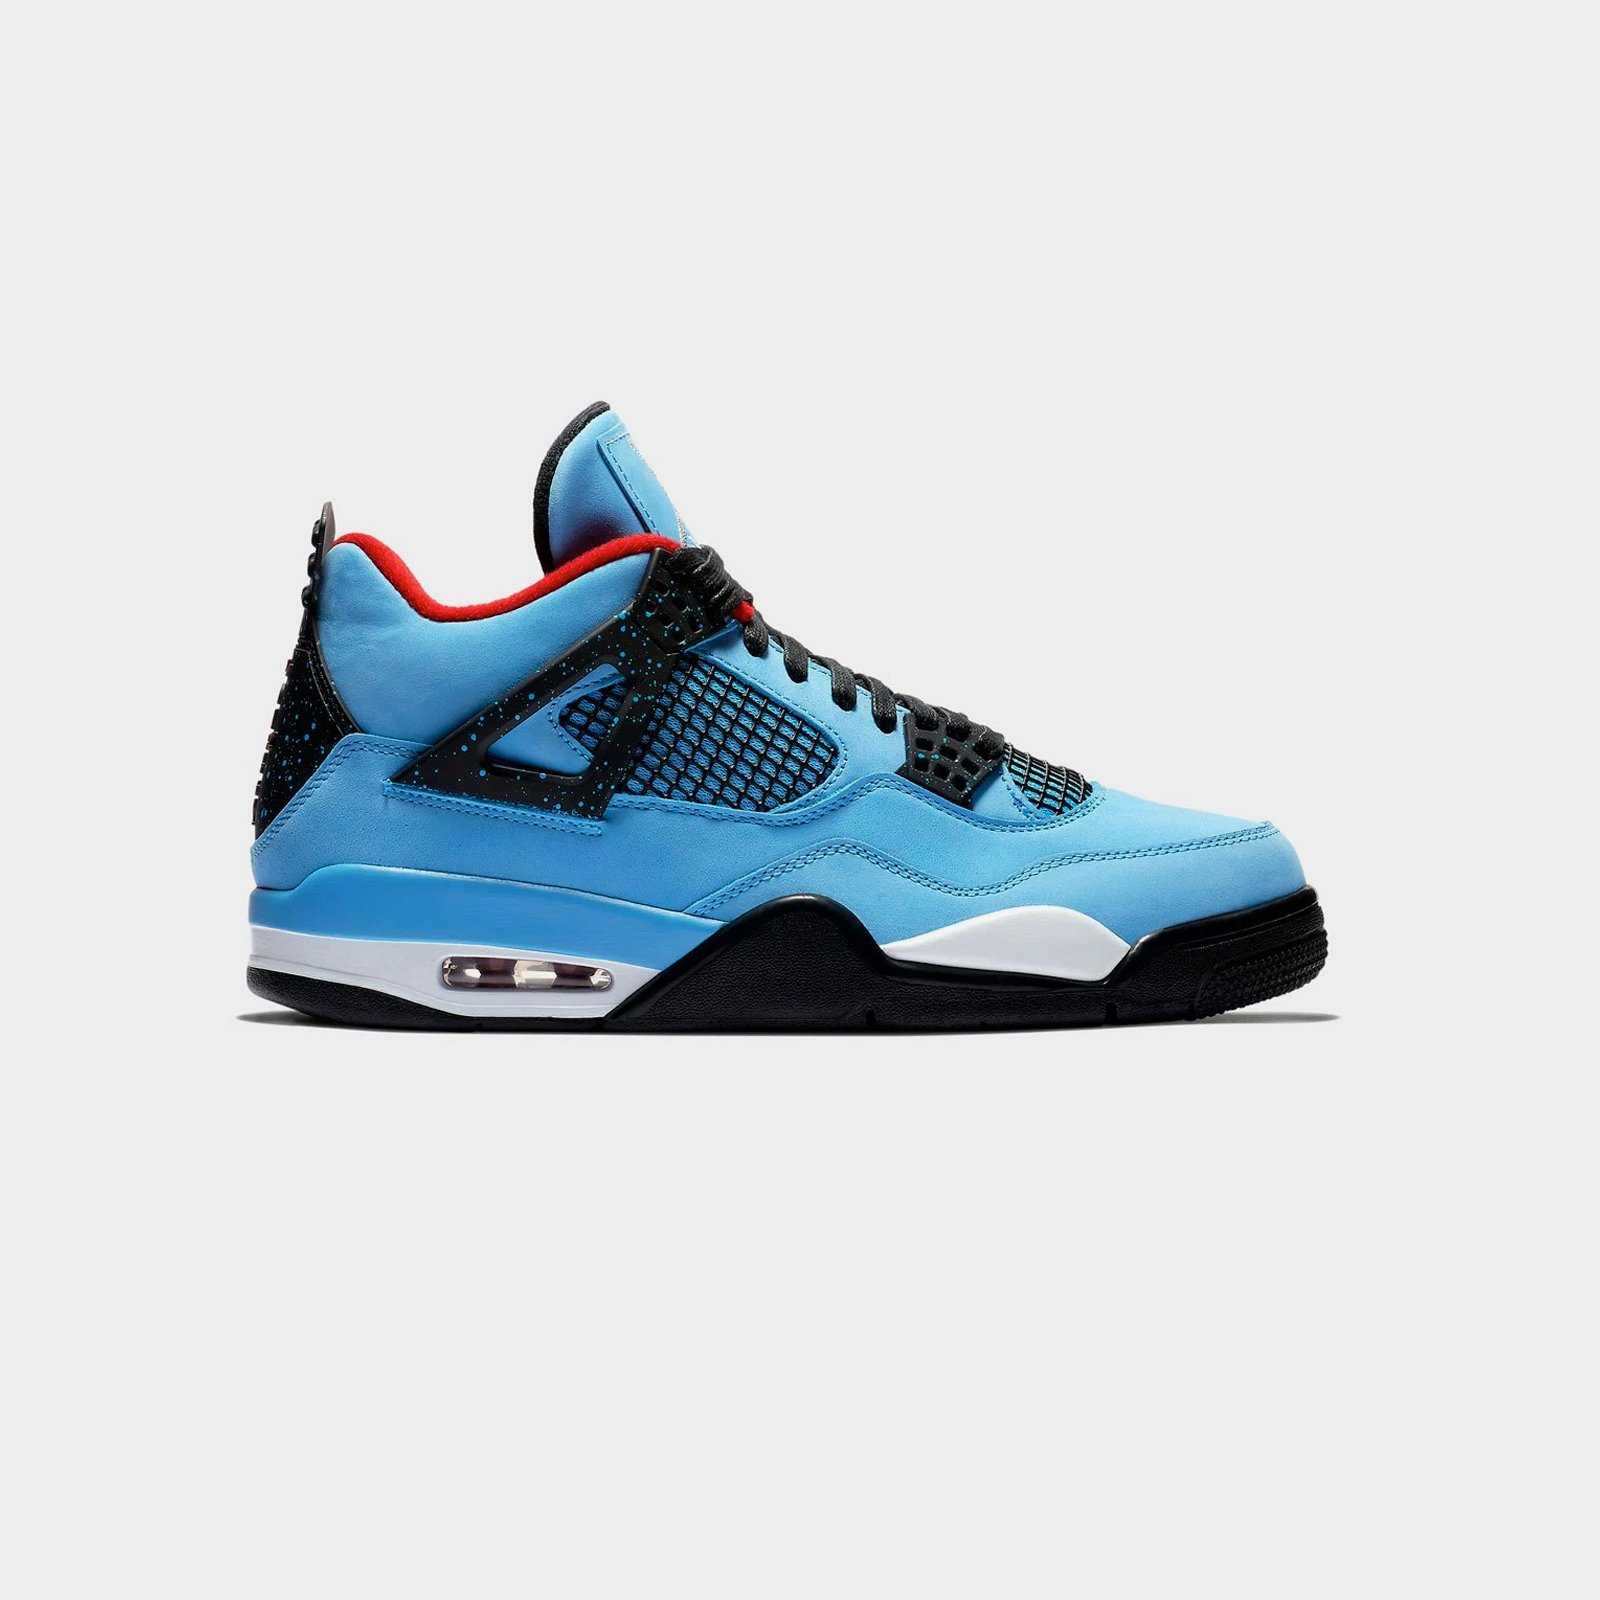 2d3923dc0581 Jordan Brand Air Jordan 4 Retro - 308497-406 - Sneakersnstuff ...